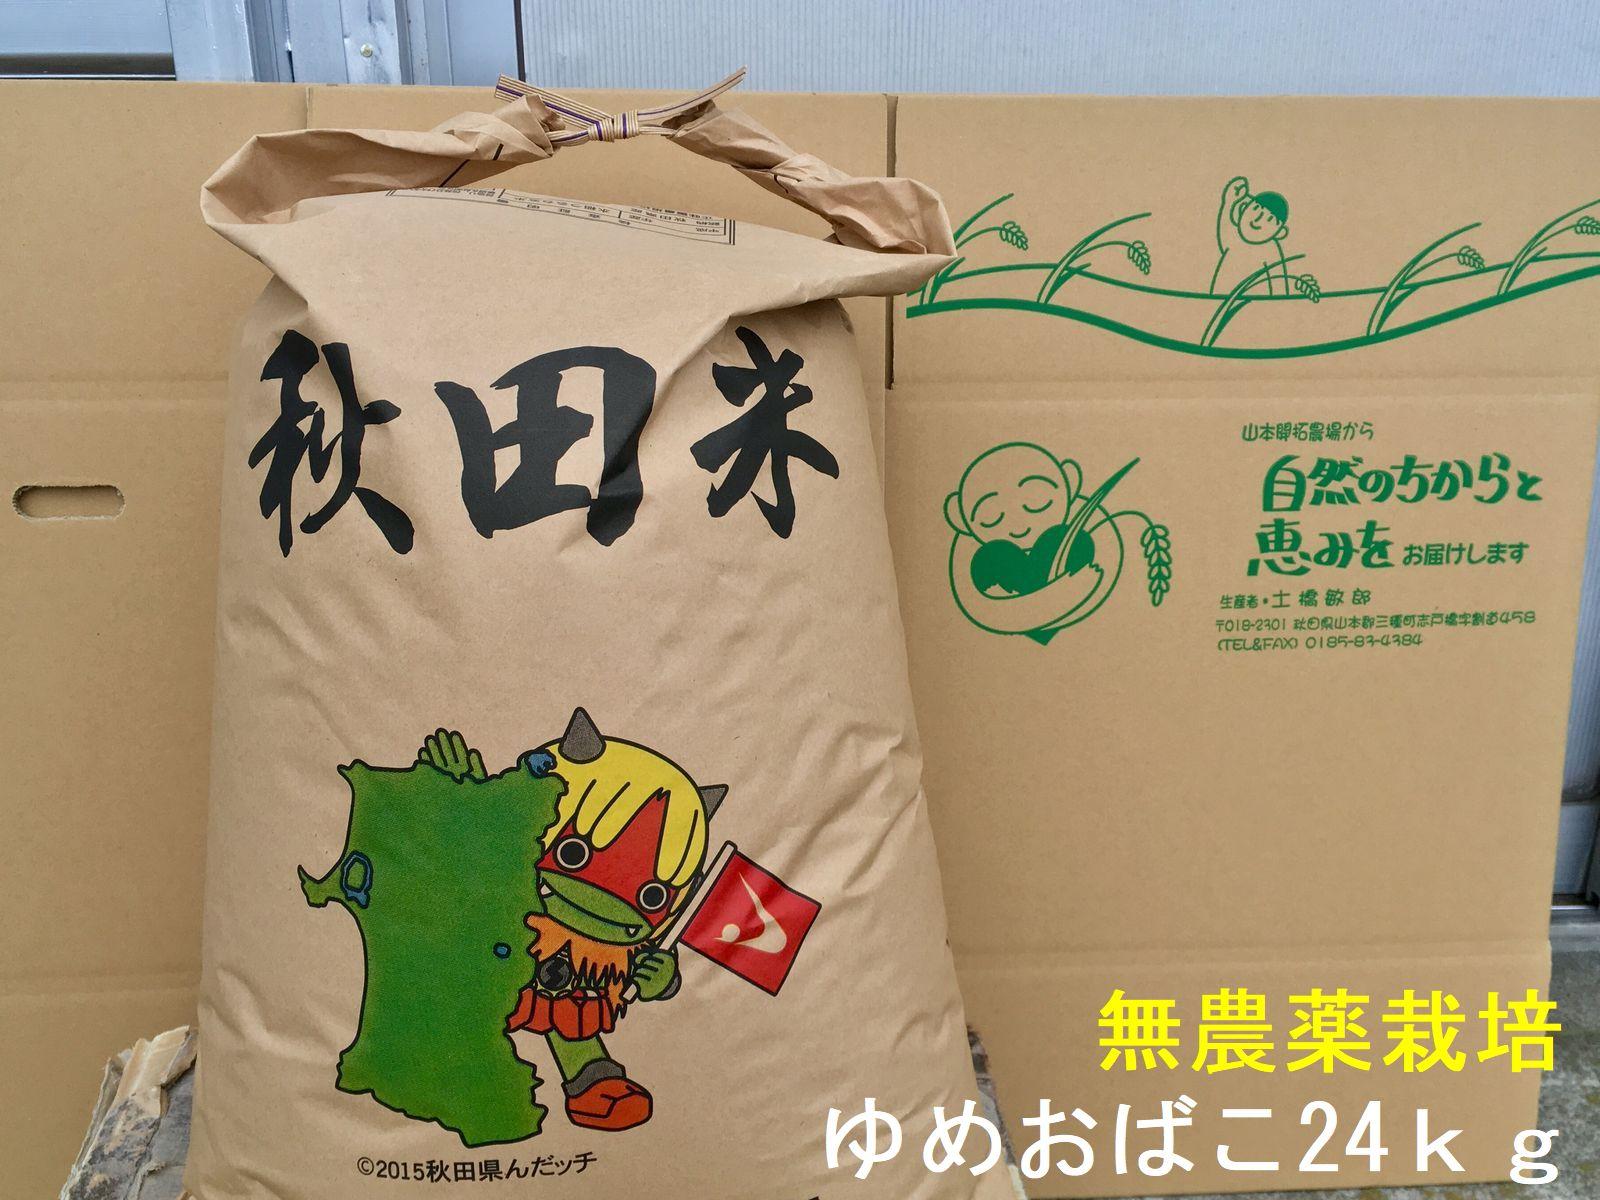 【新米】【送料無料】【無農薬 玄米】【無洗米対応】【30年秋田県産】淡麗もちもちゆめおばこ24kg×1袋